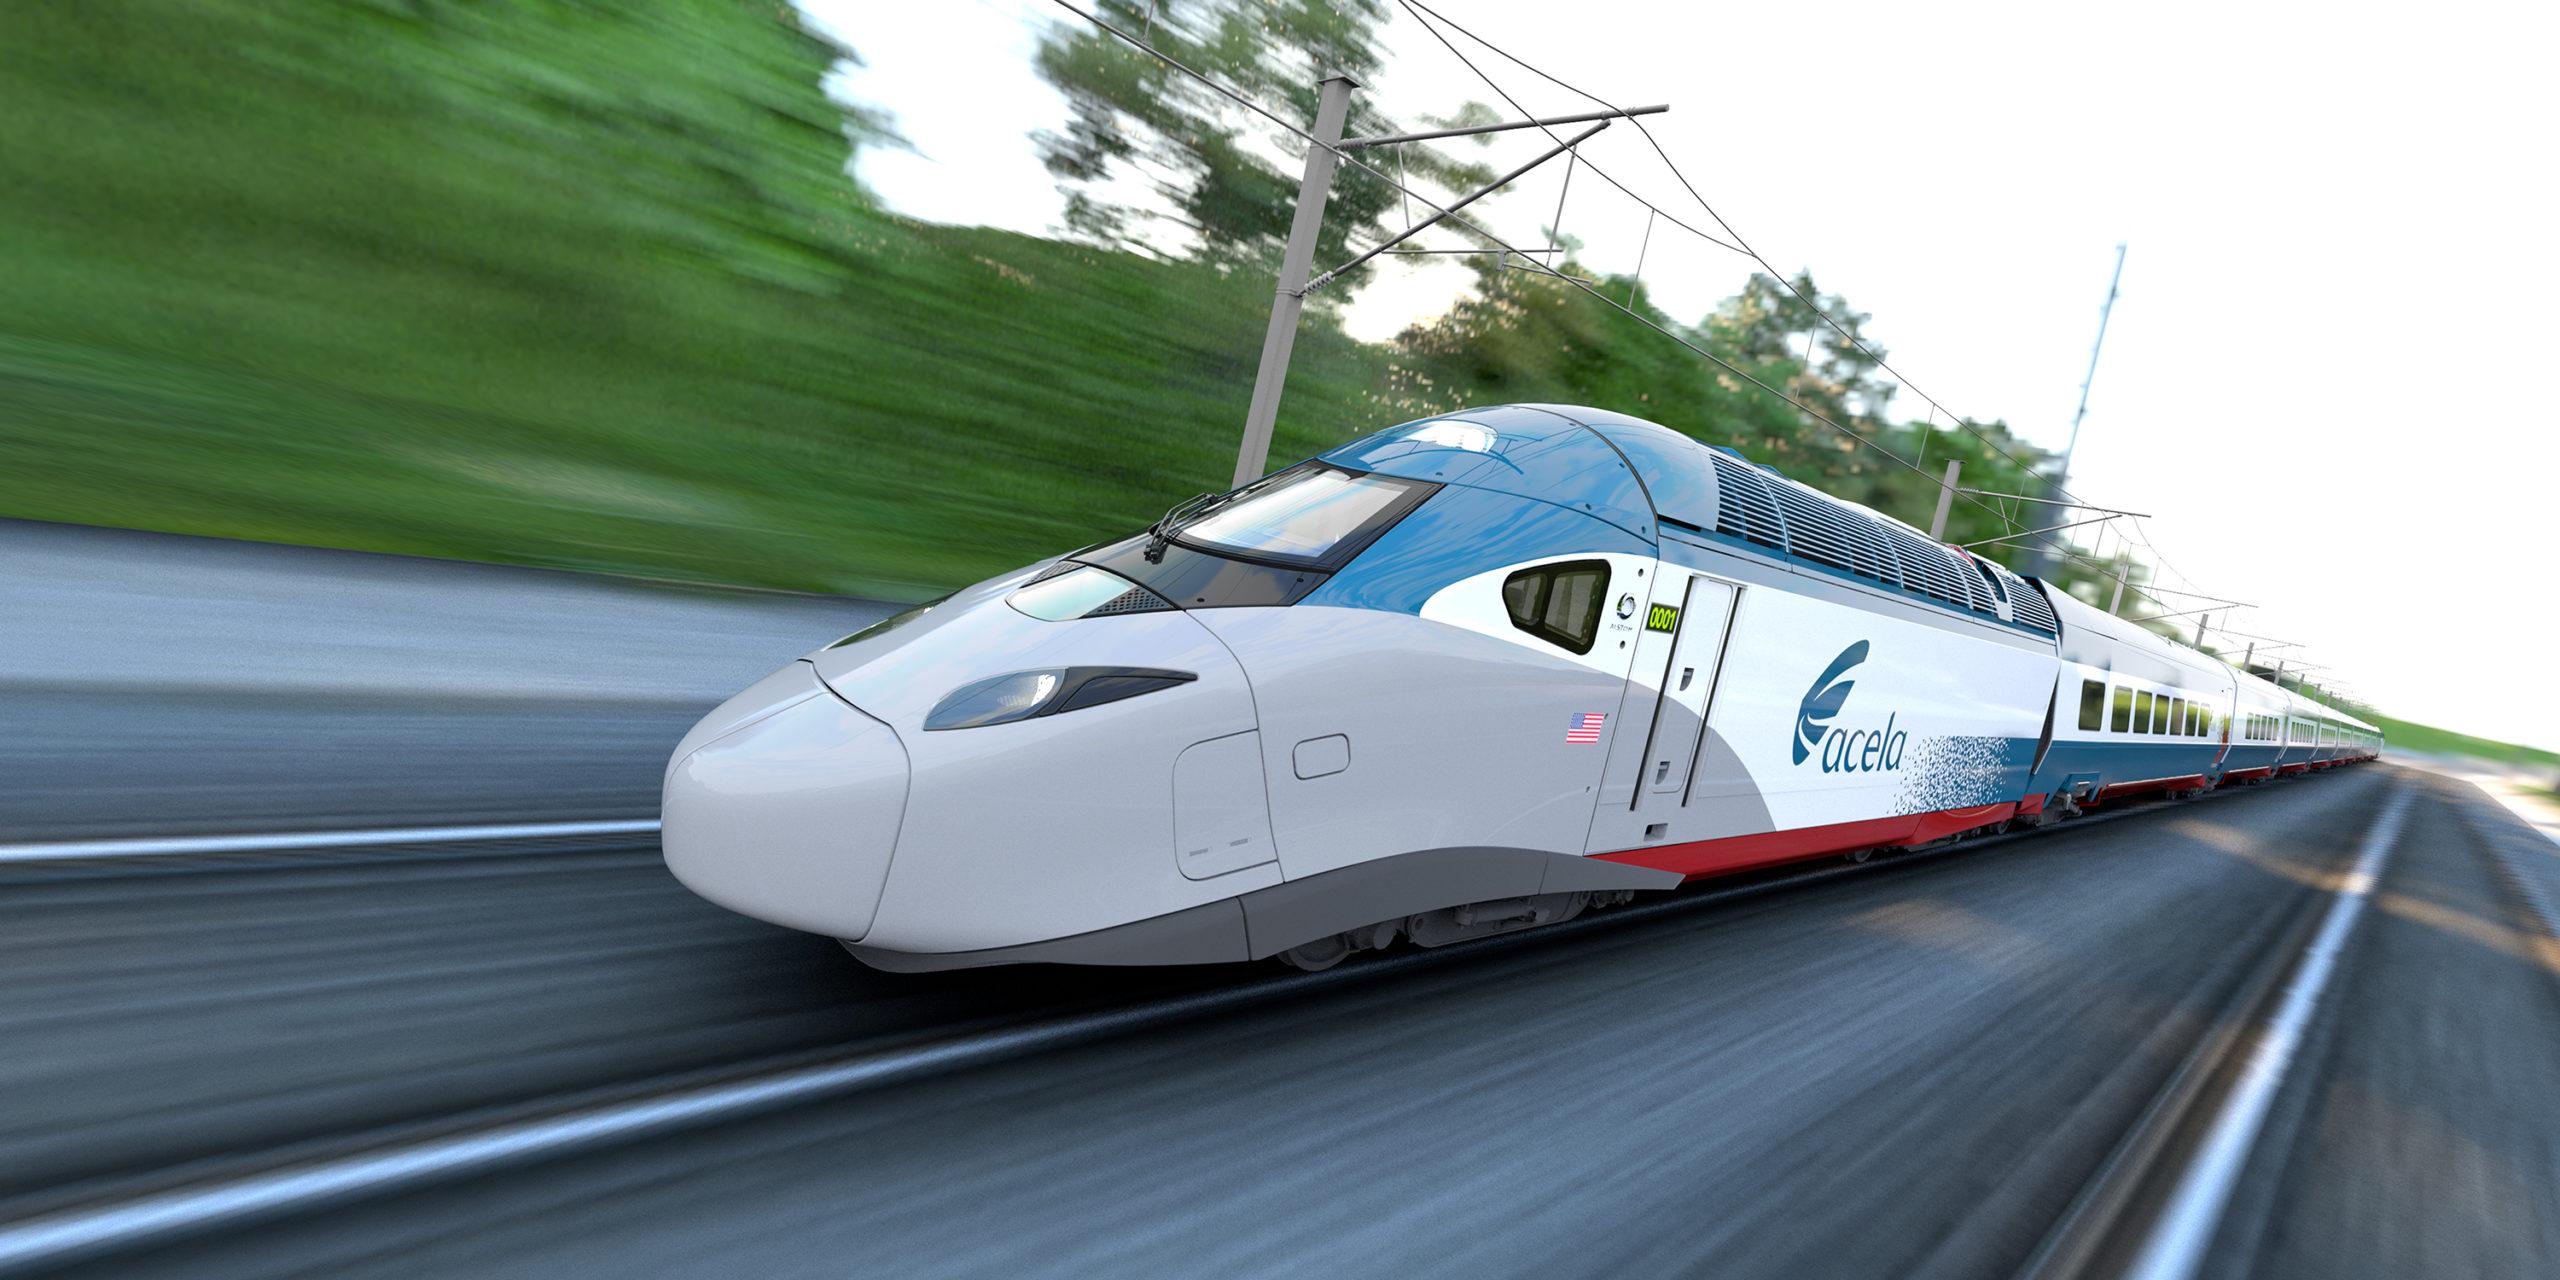 AlstomDeisgnStyling_frontview10617